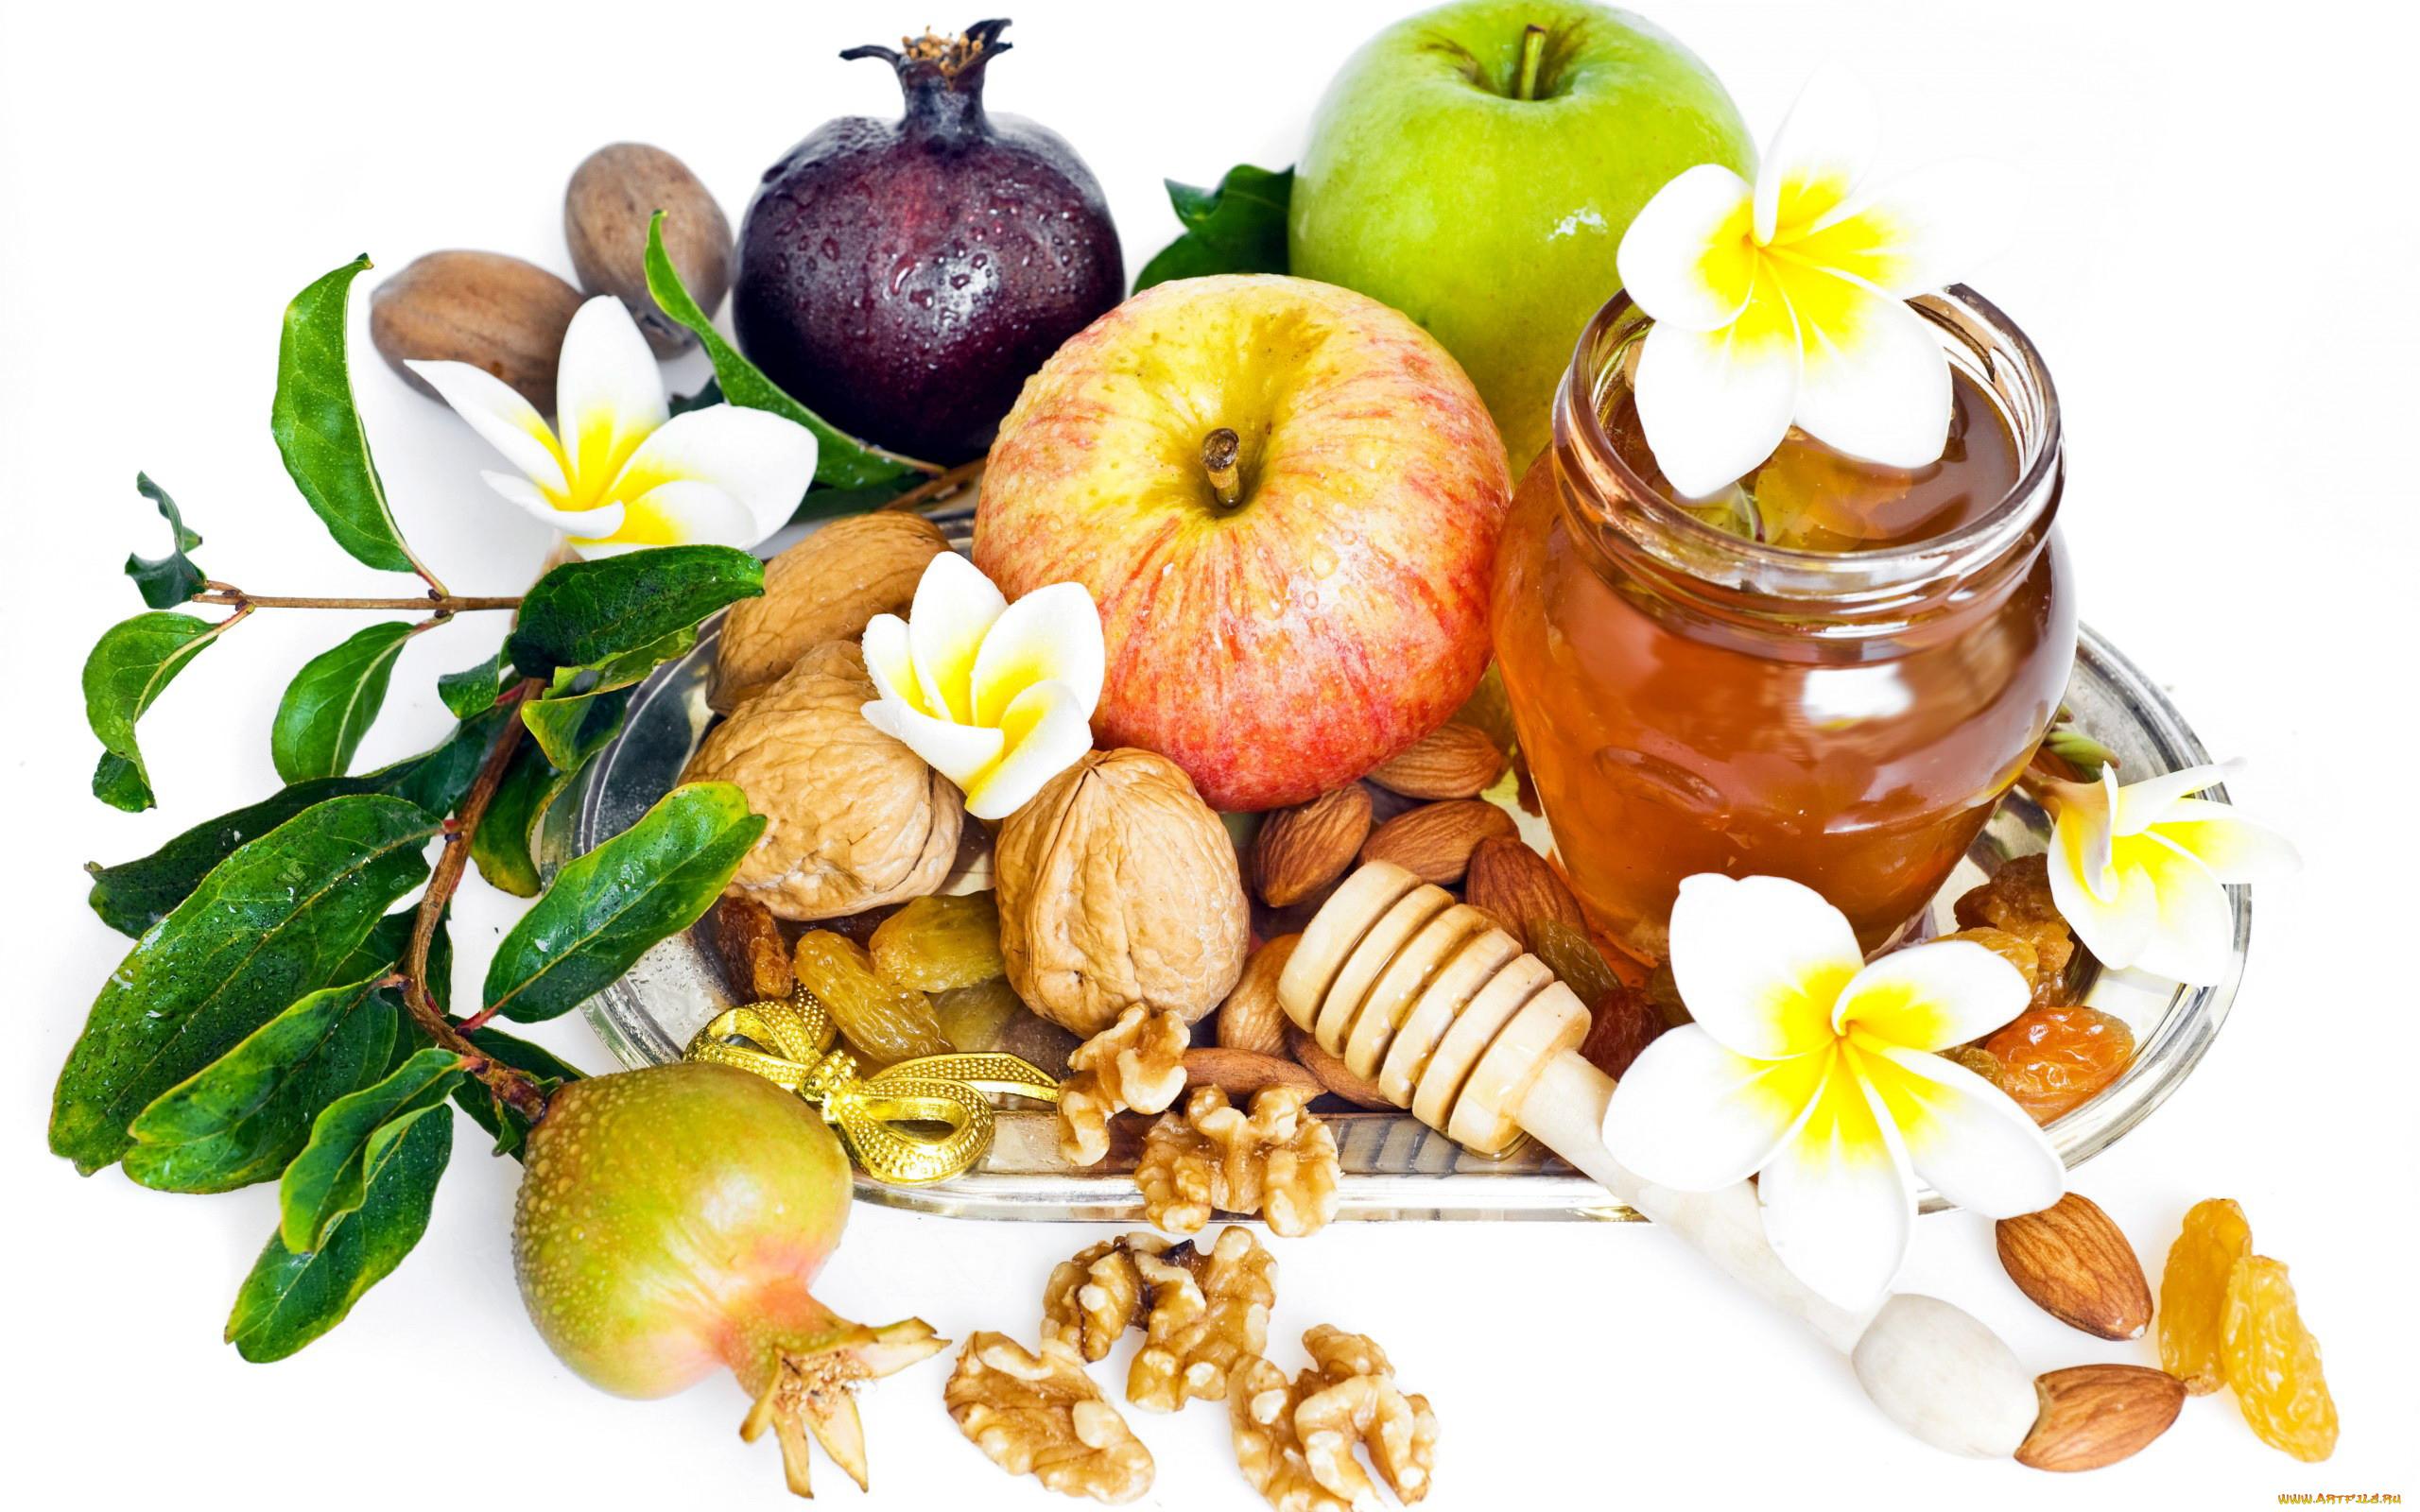 Картинка с яблоками и медом